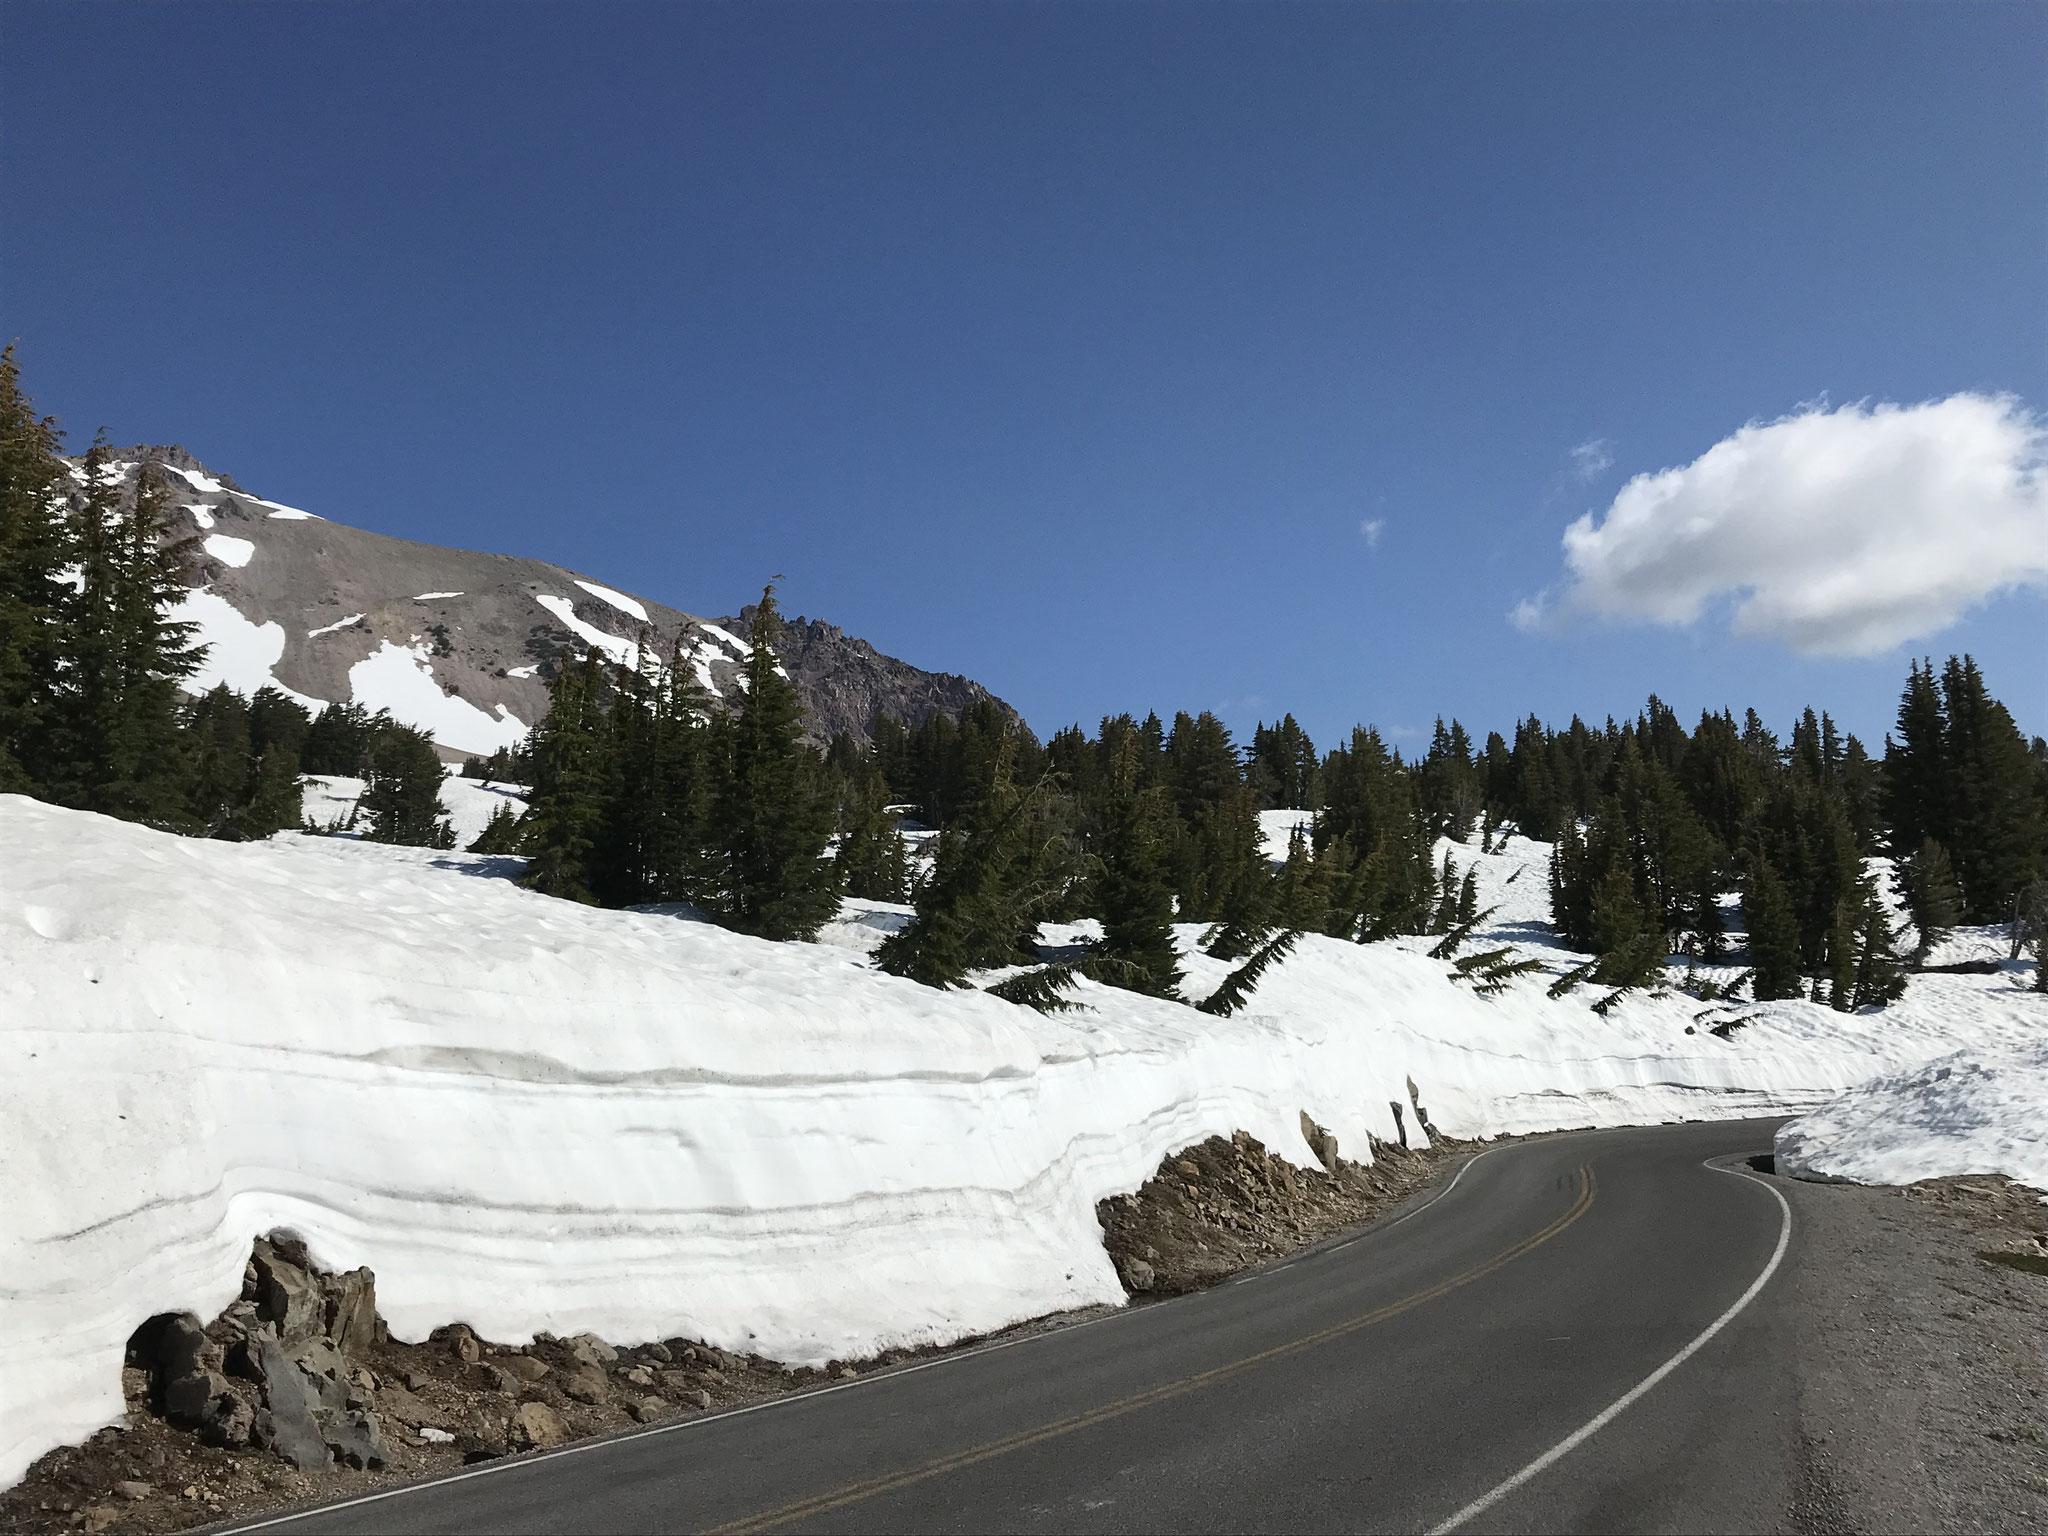 Meterhohe Schneemauern säumen die Strassen auf dem Pass.